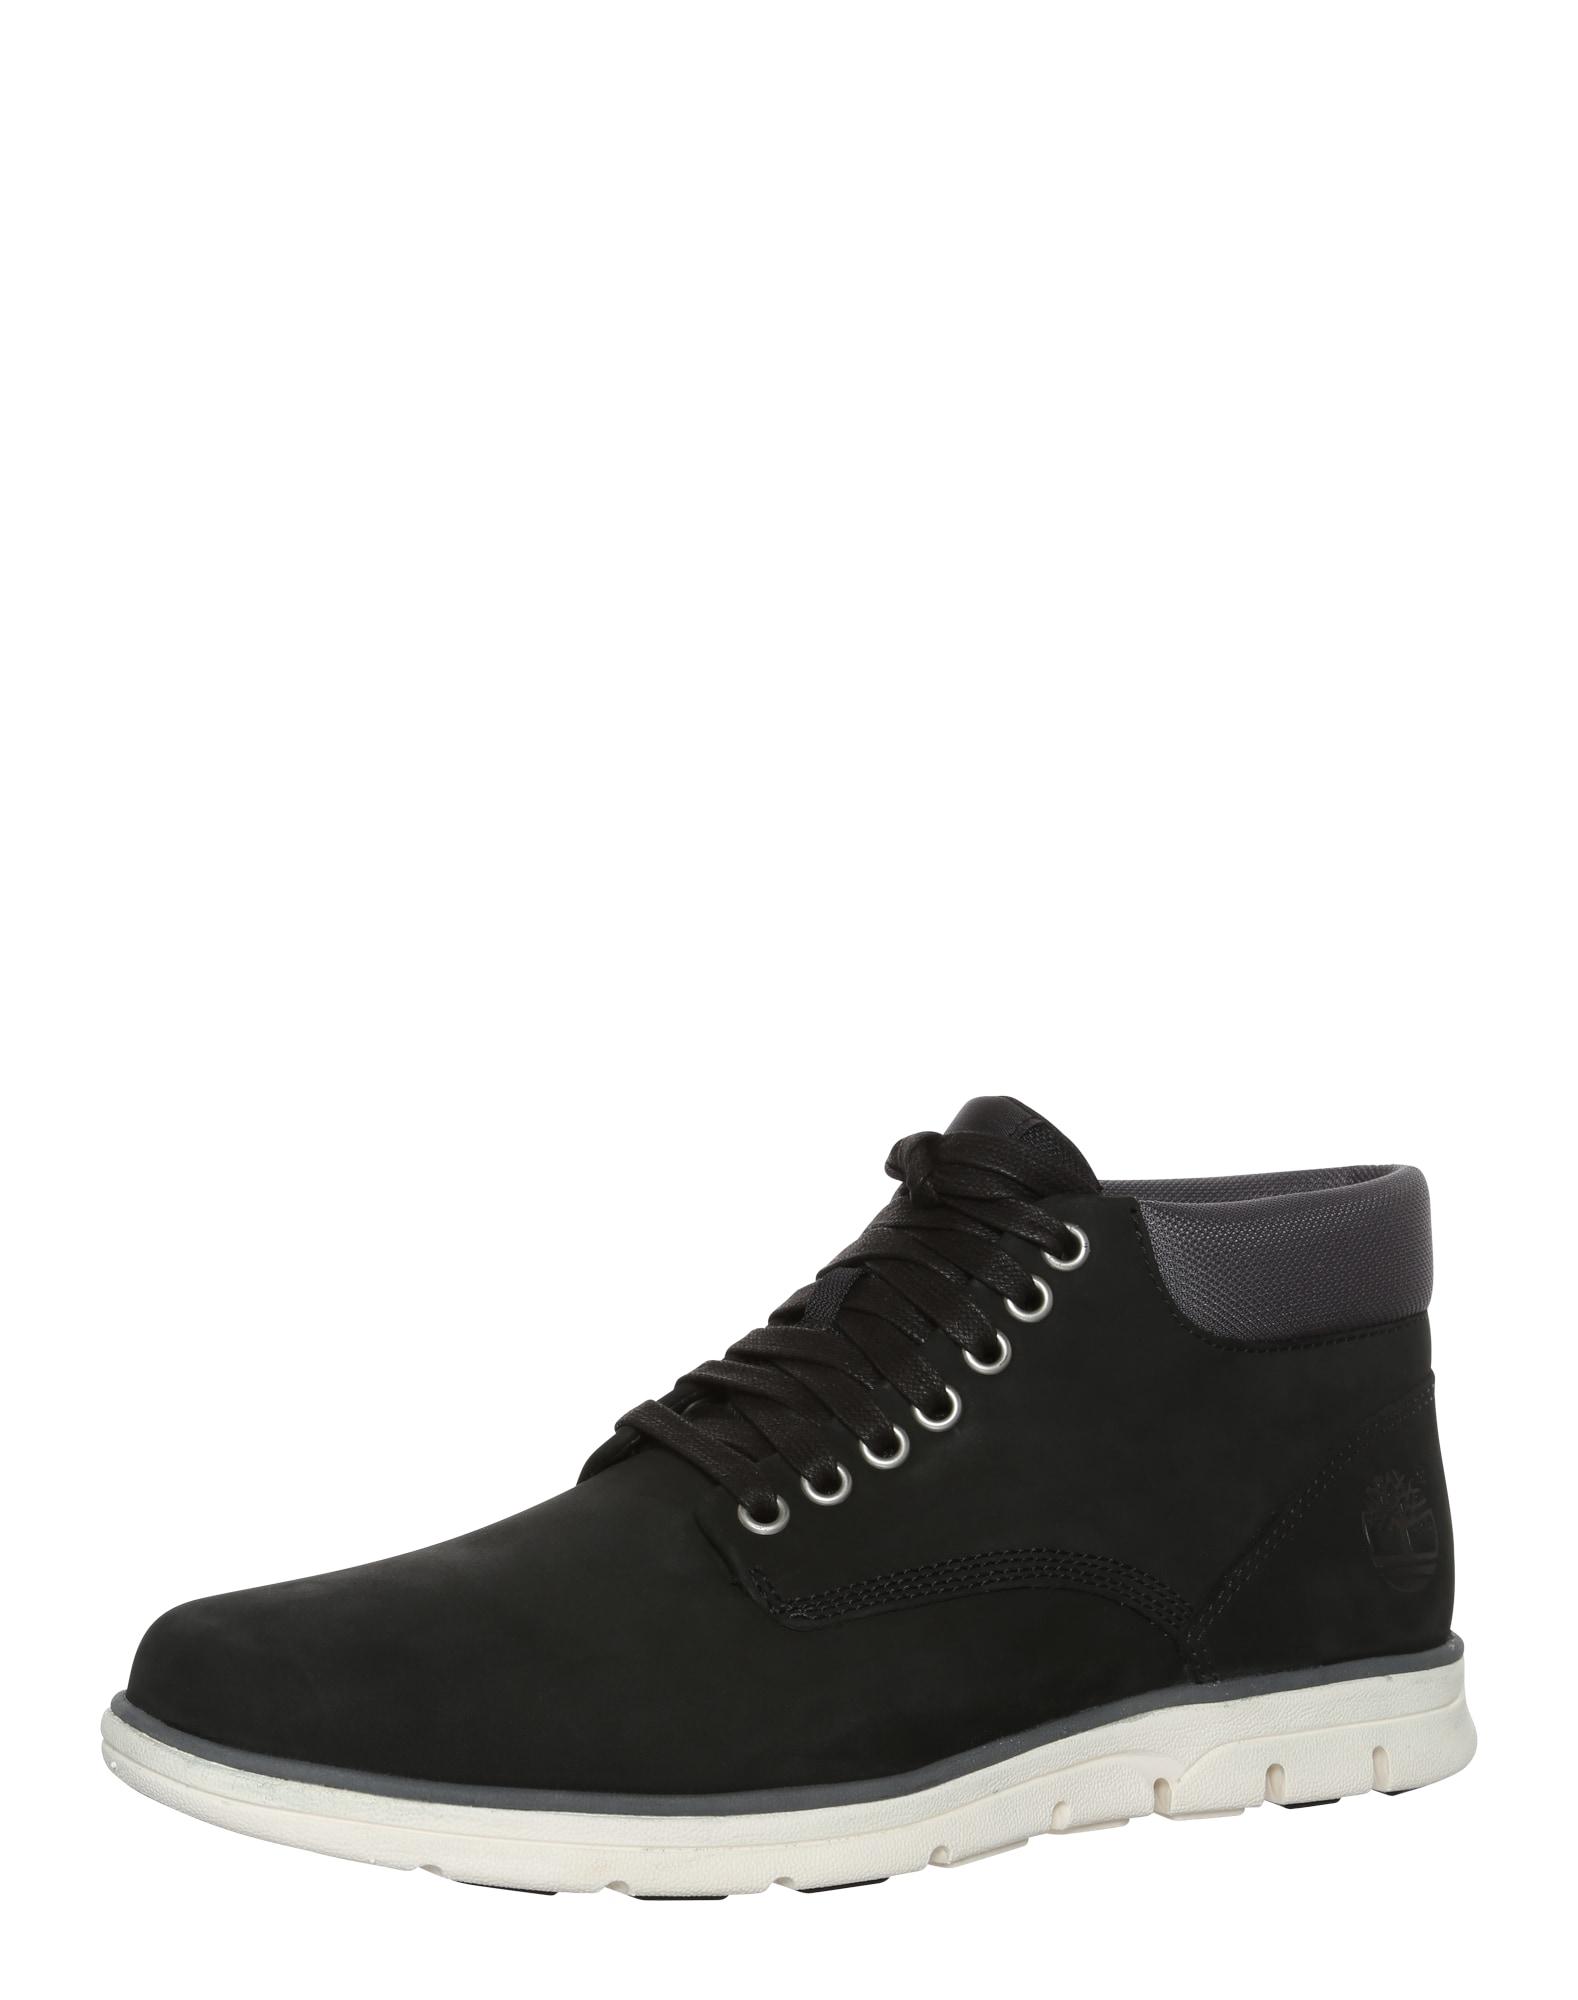 Šněrovací boty Bradstreet Chukka Leather černá TIMBERLAND